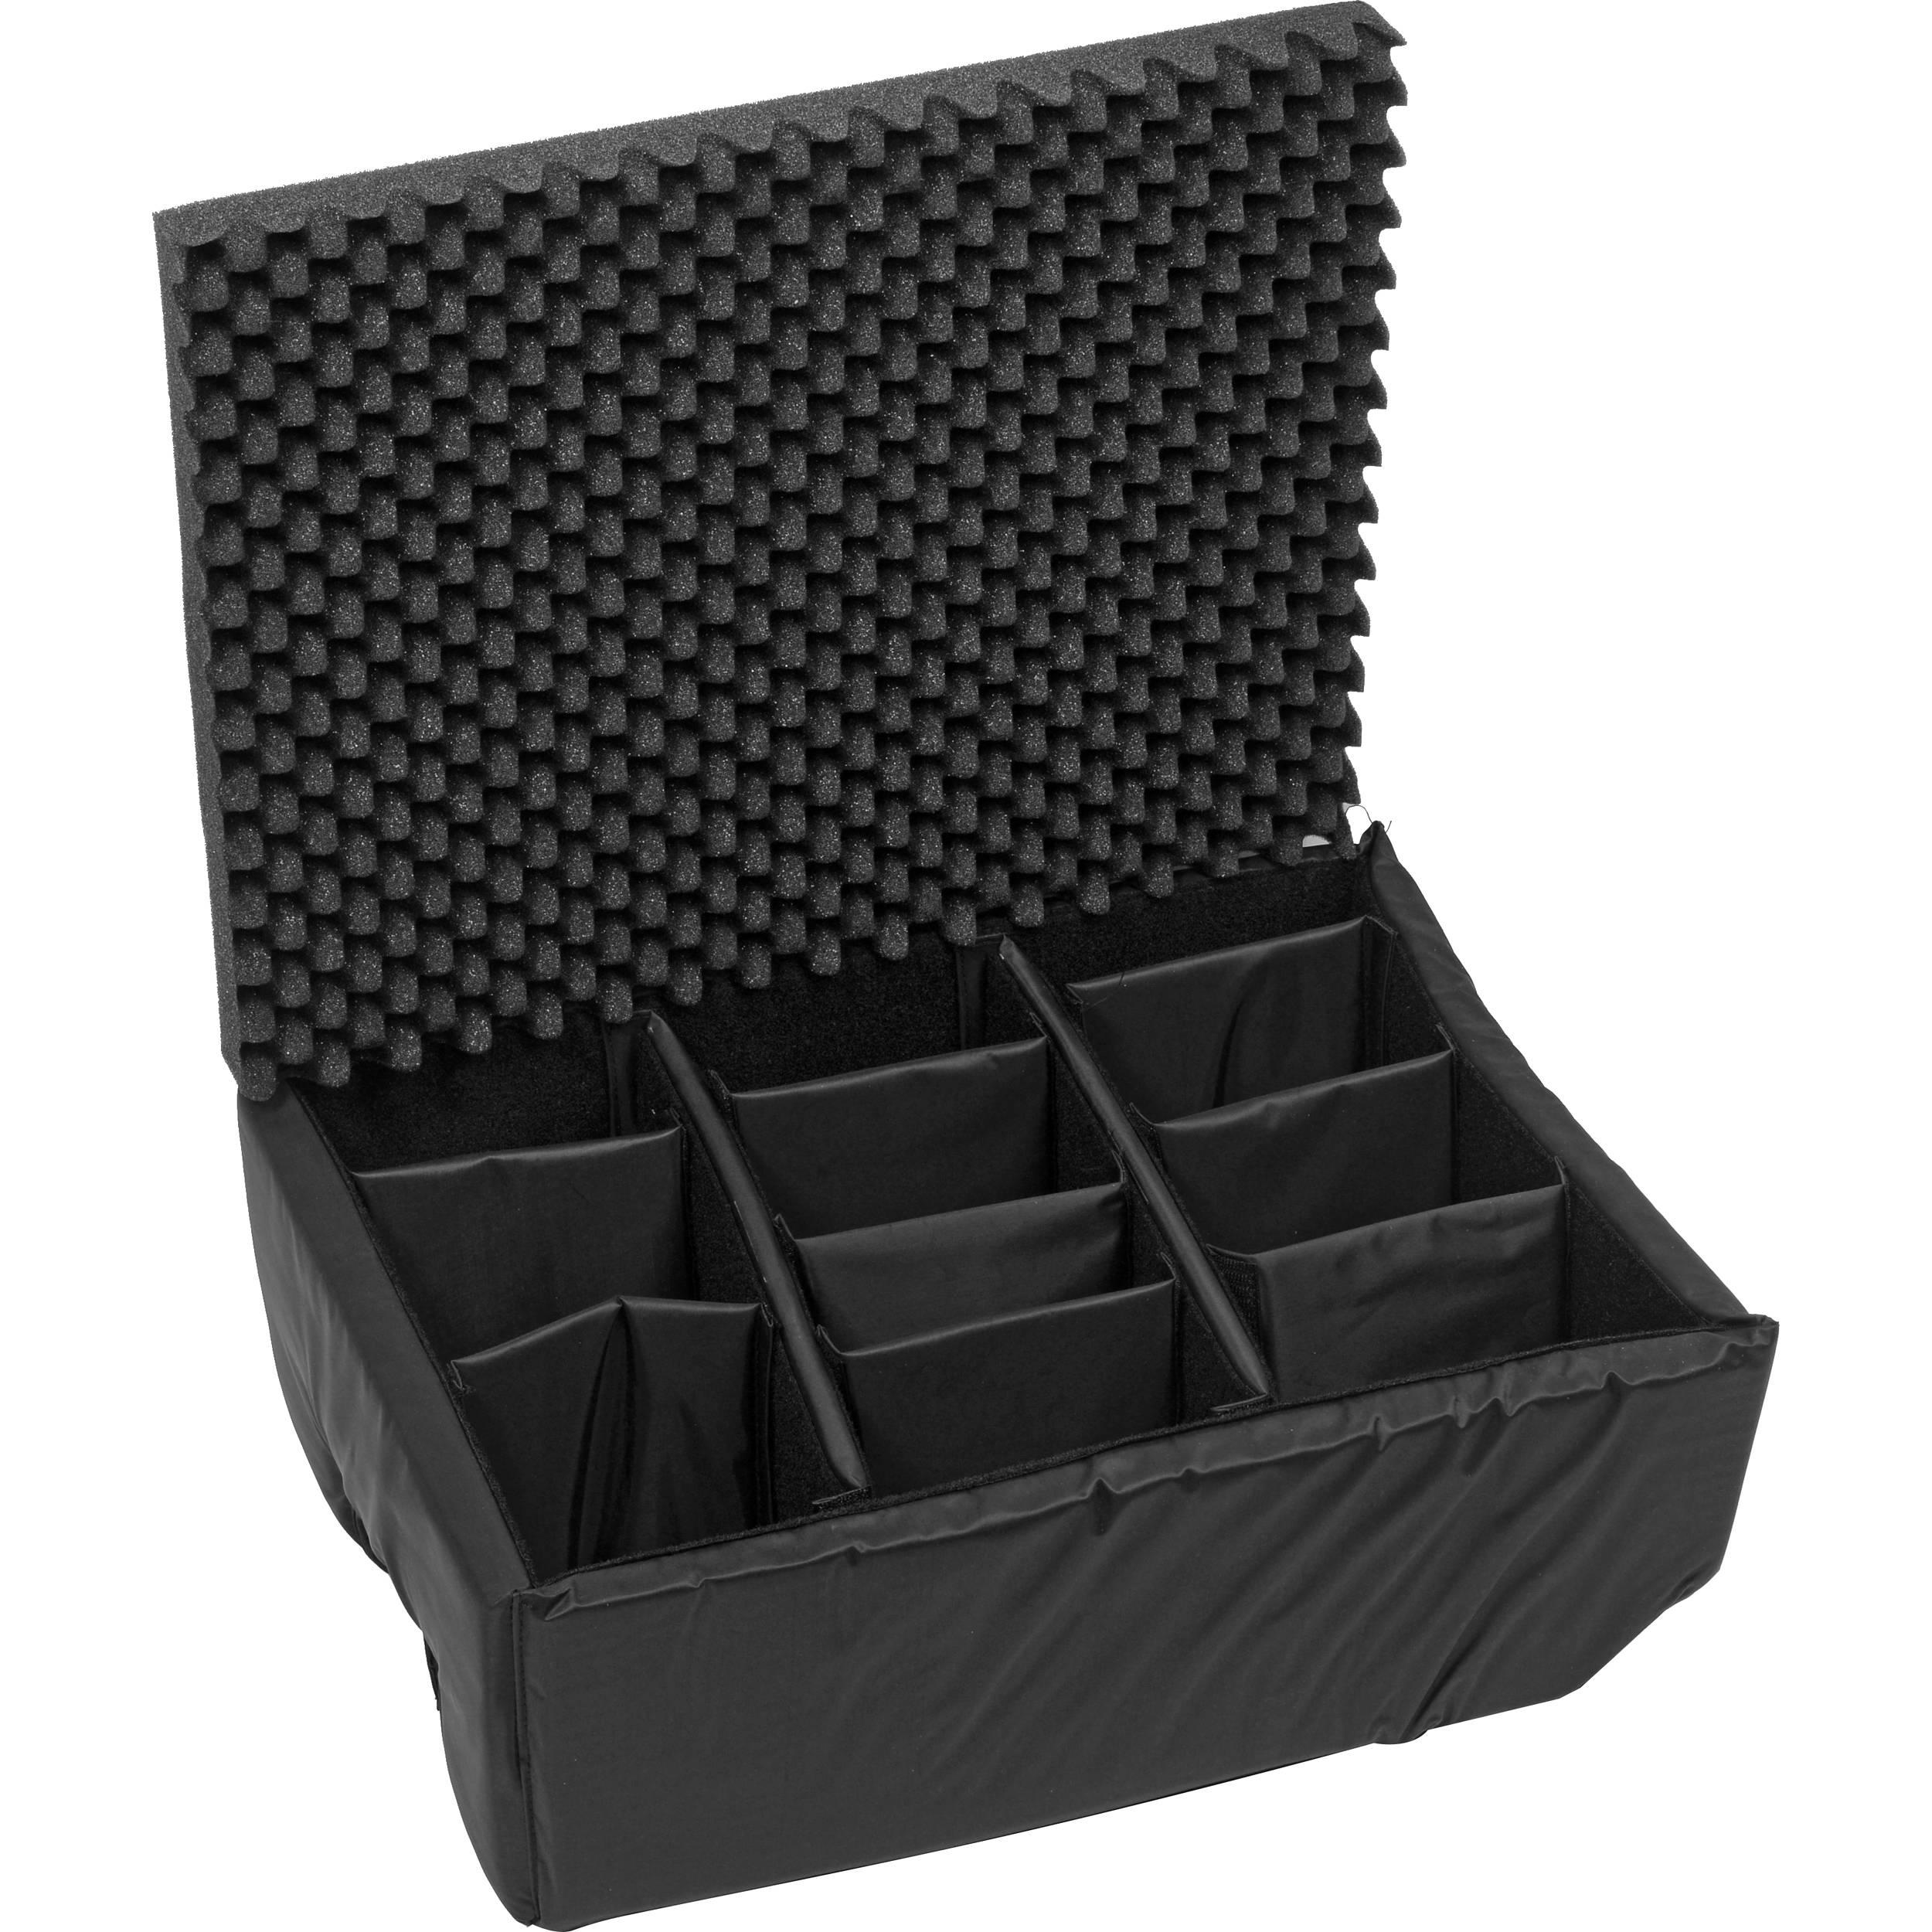 nanuk padded divider insert for 950 case 950 divi b h photo